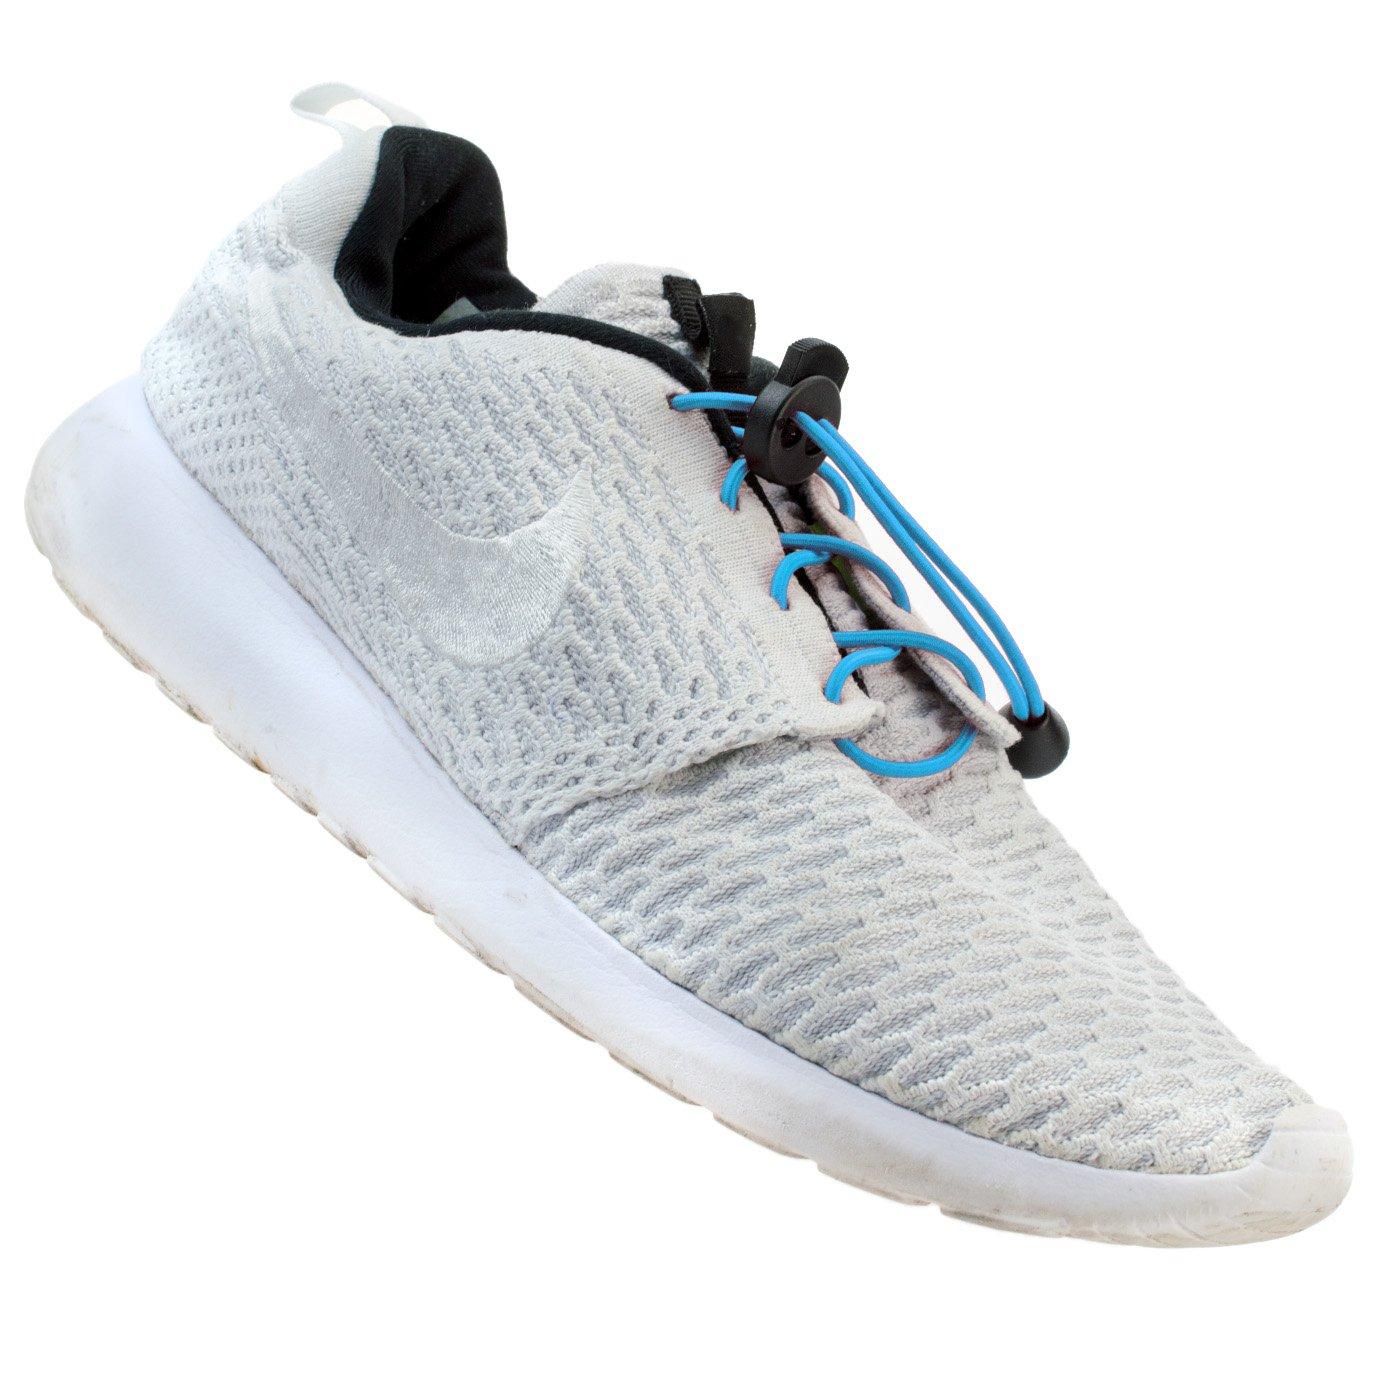 Flexy Lock Lace Schnell Schnürsystem aus Polyester in verschiedenen Farben geeignet für Triathlon, schnellspann Schnürsenkel, schnellspanner, ideal